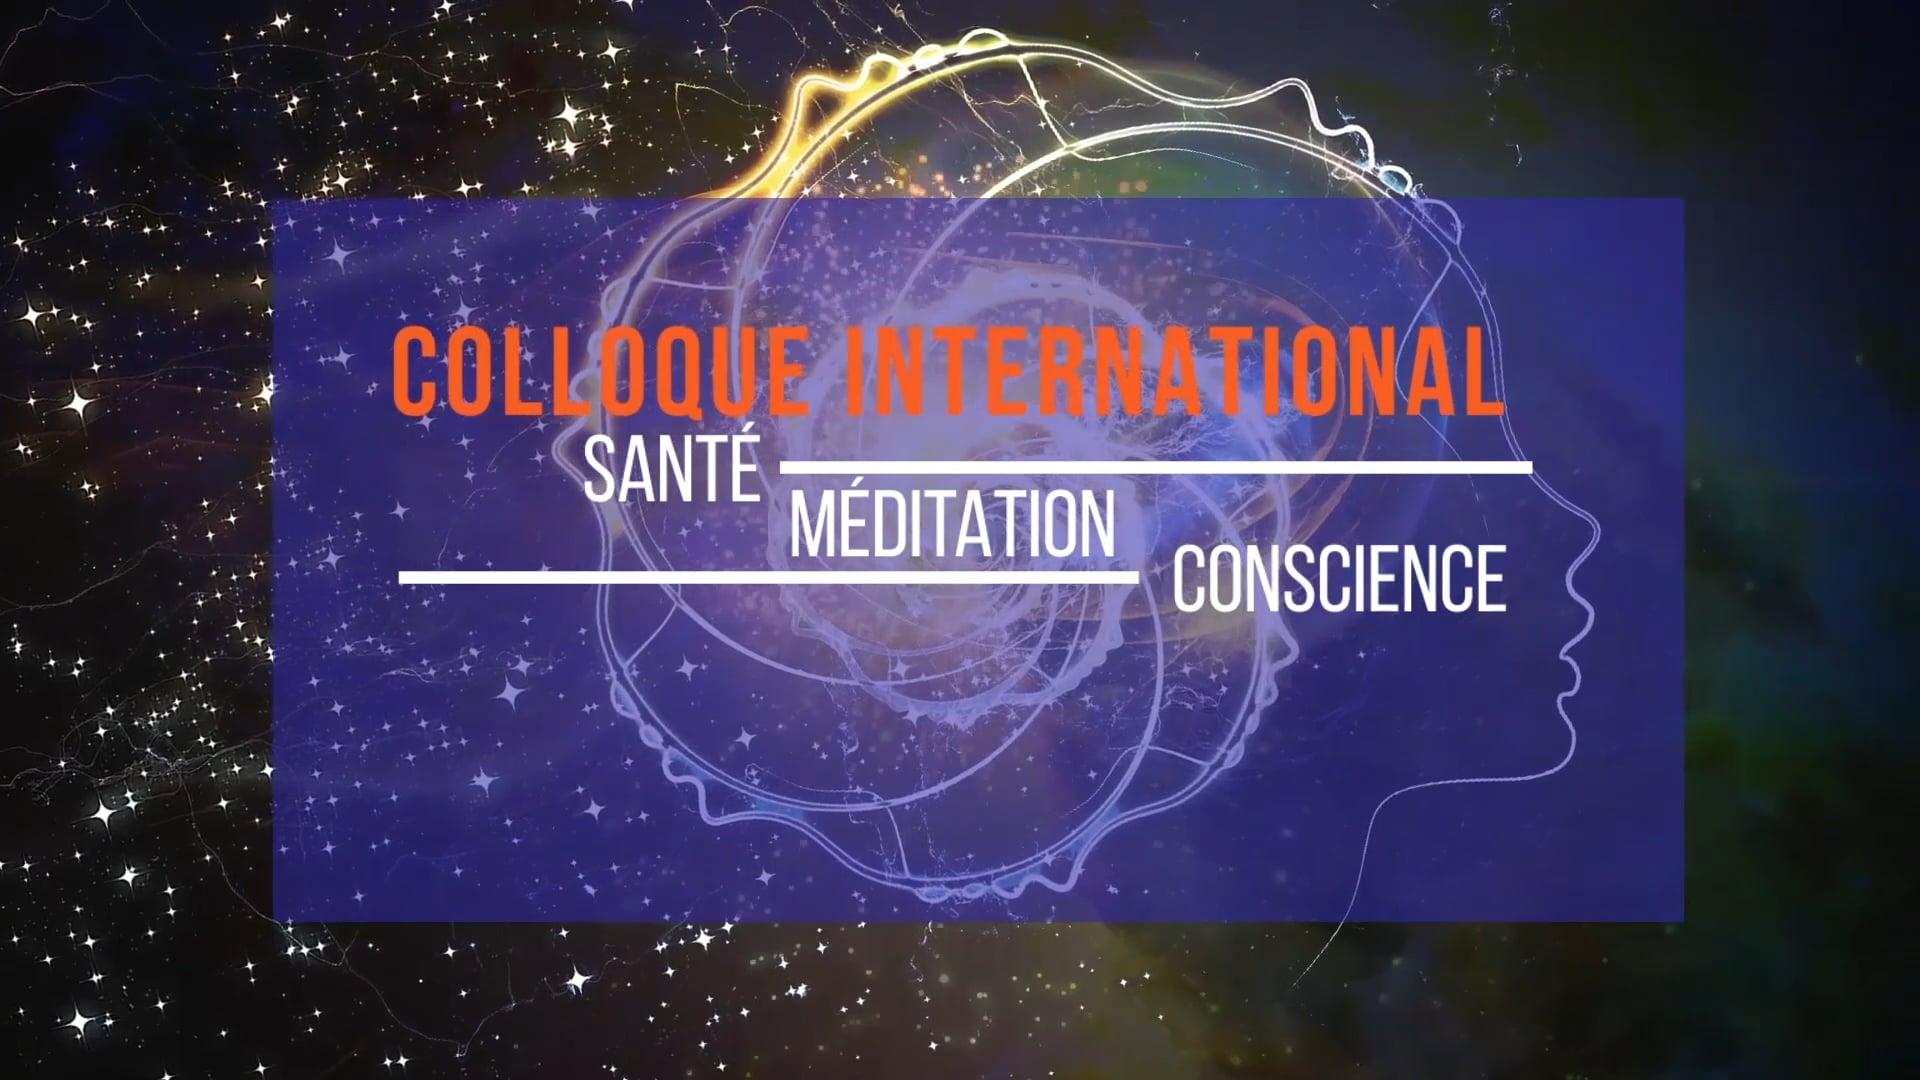 """Martin Aylward, Colloque """"Santé, Méditation et Conscience"""" au Grand Rex, Paris"""